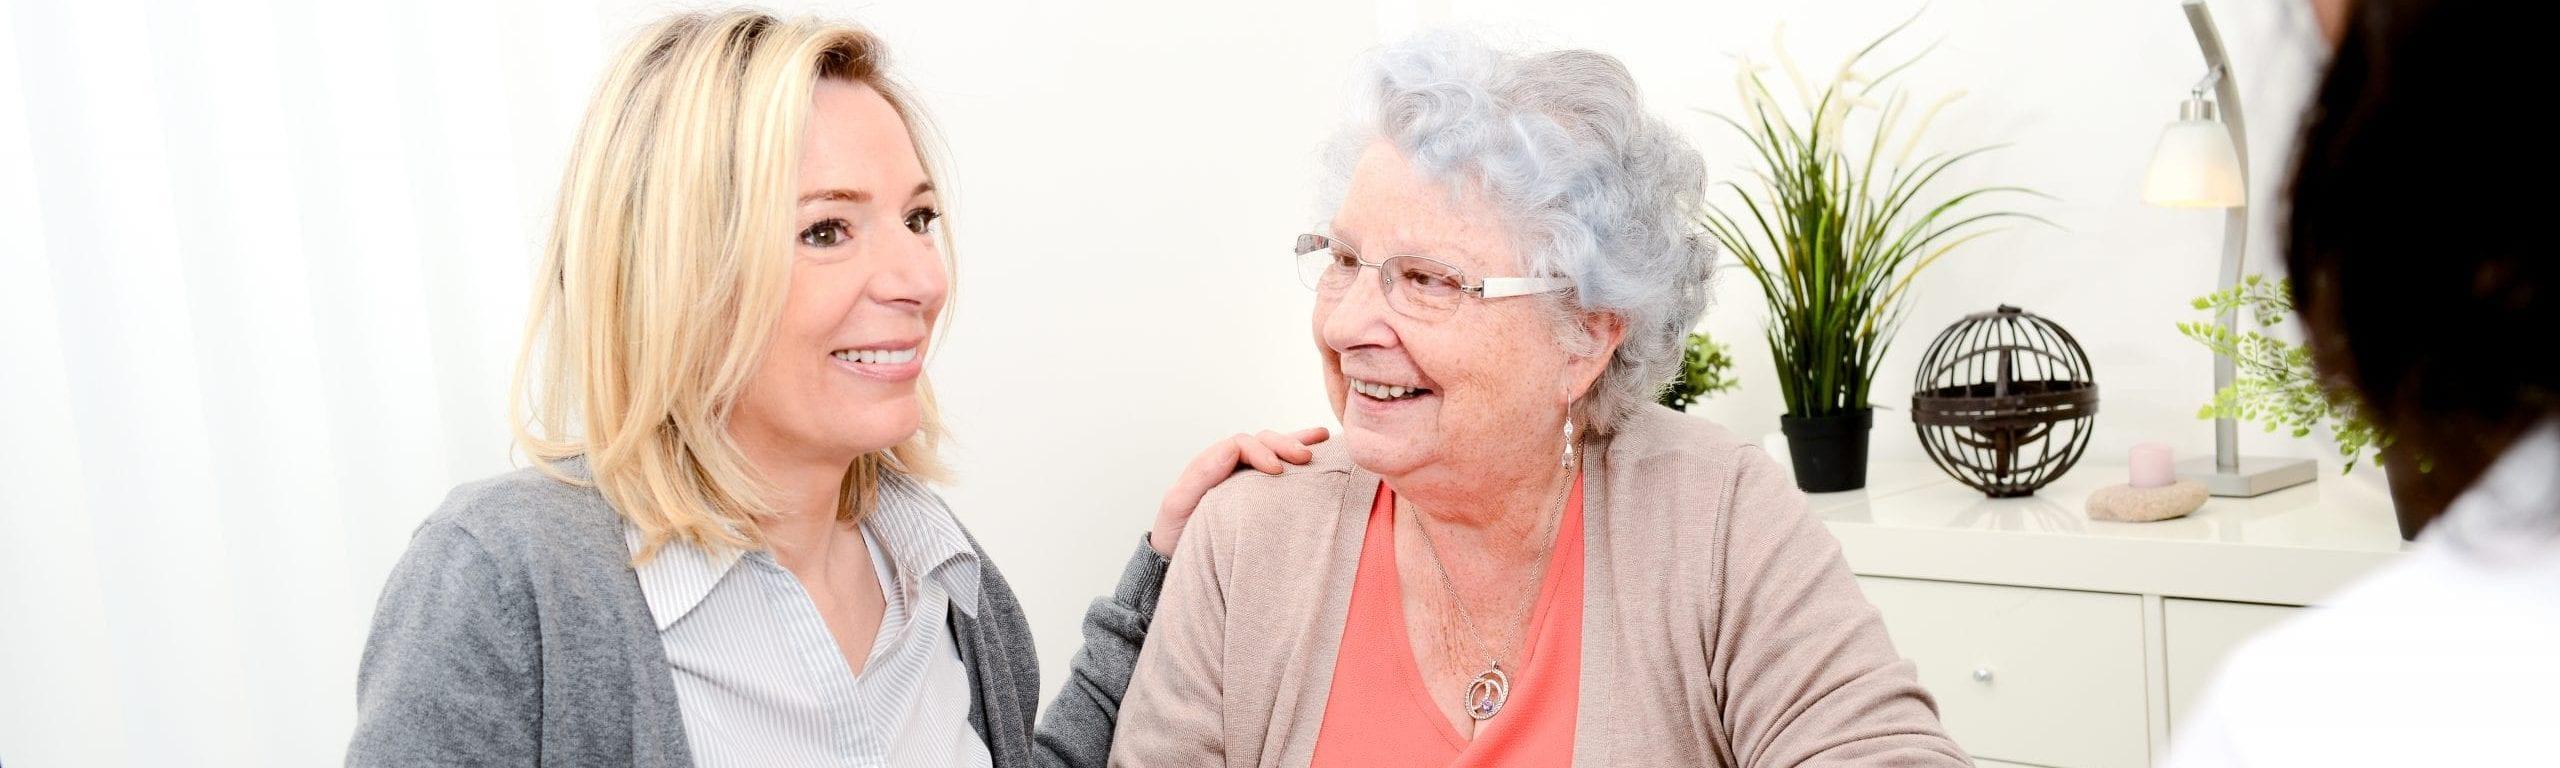 Das Foto zeigt eine jüngere und eine ältere Frau die sich anlächeln.